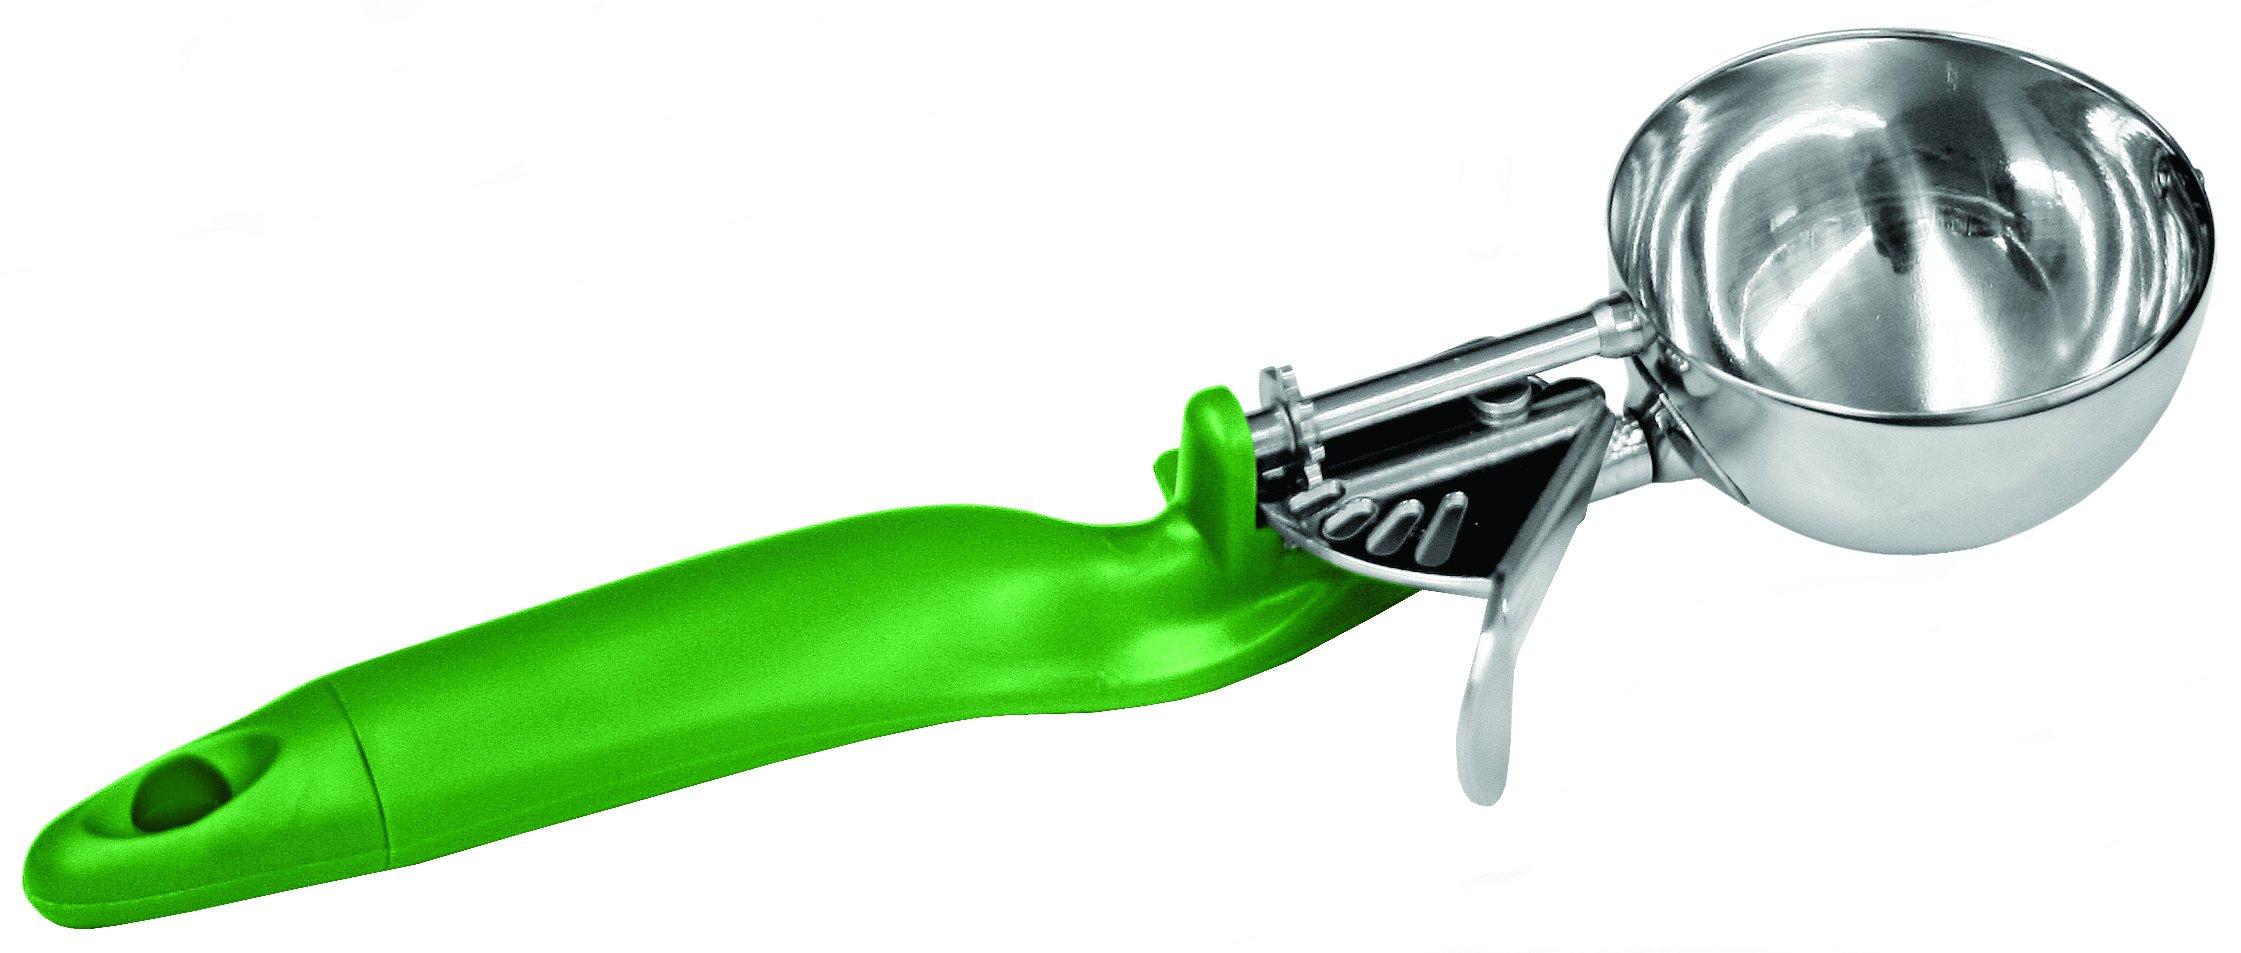 Excellante Lever Dasher, 2.67 oz, Green Ergo Handle